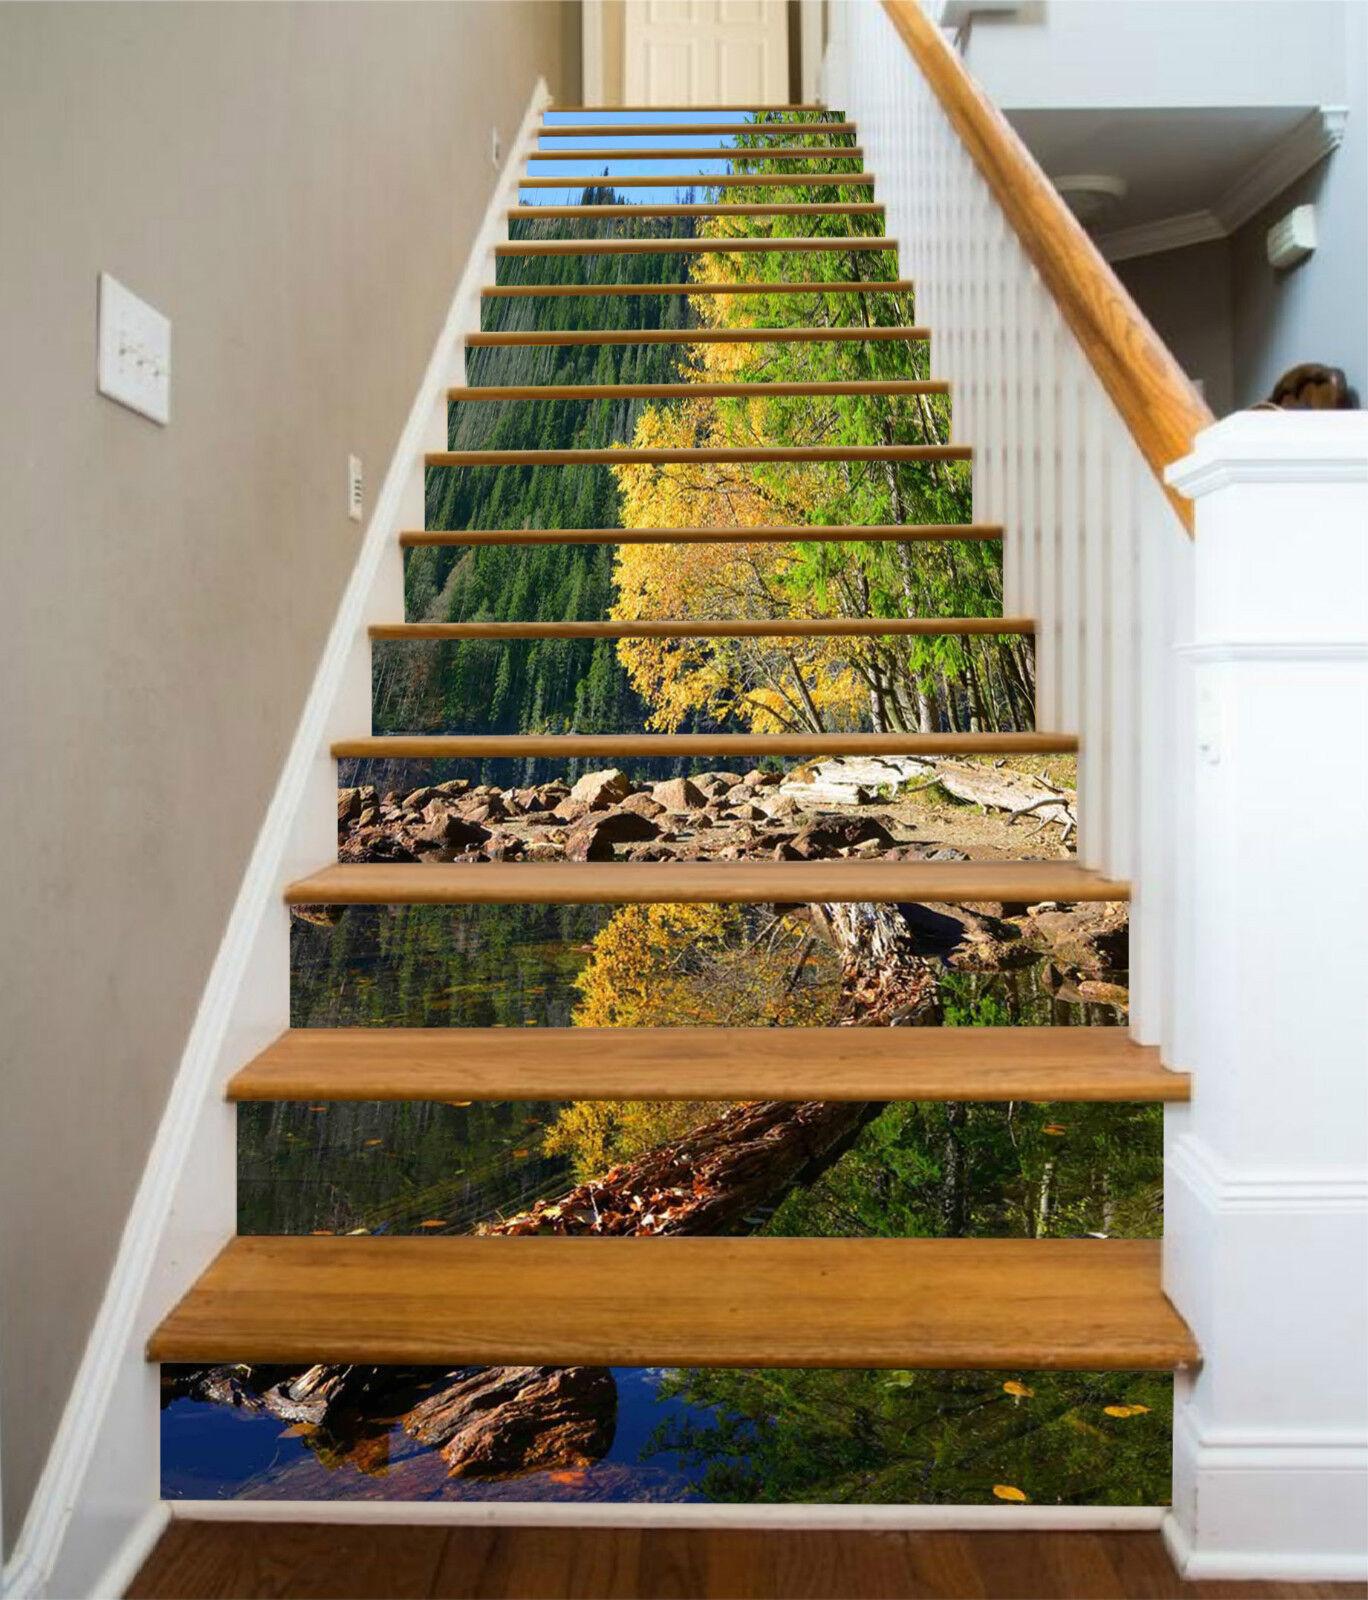 3D Holz Fluss 675 Stair Risers Dekoration Fototapete Vinyl Aufkleber Tapete DE